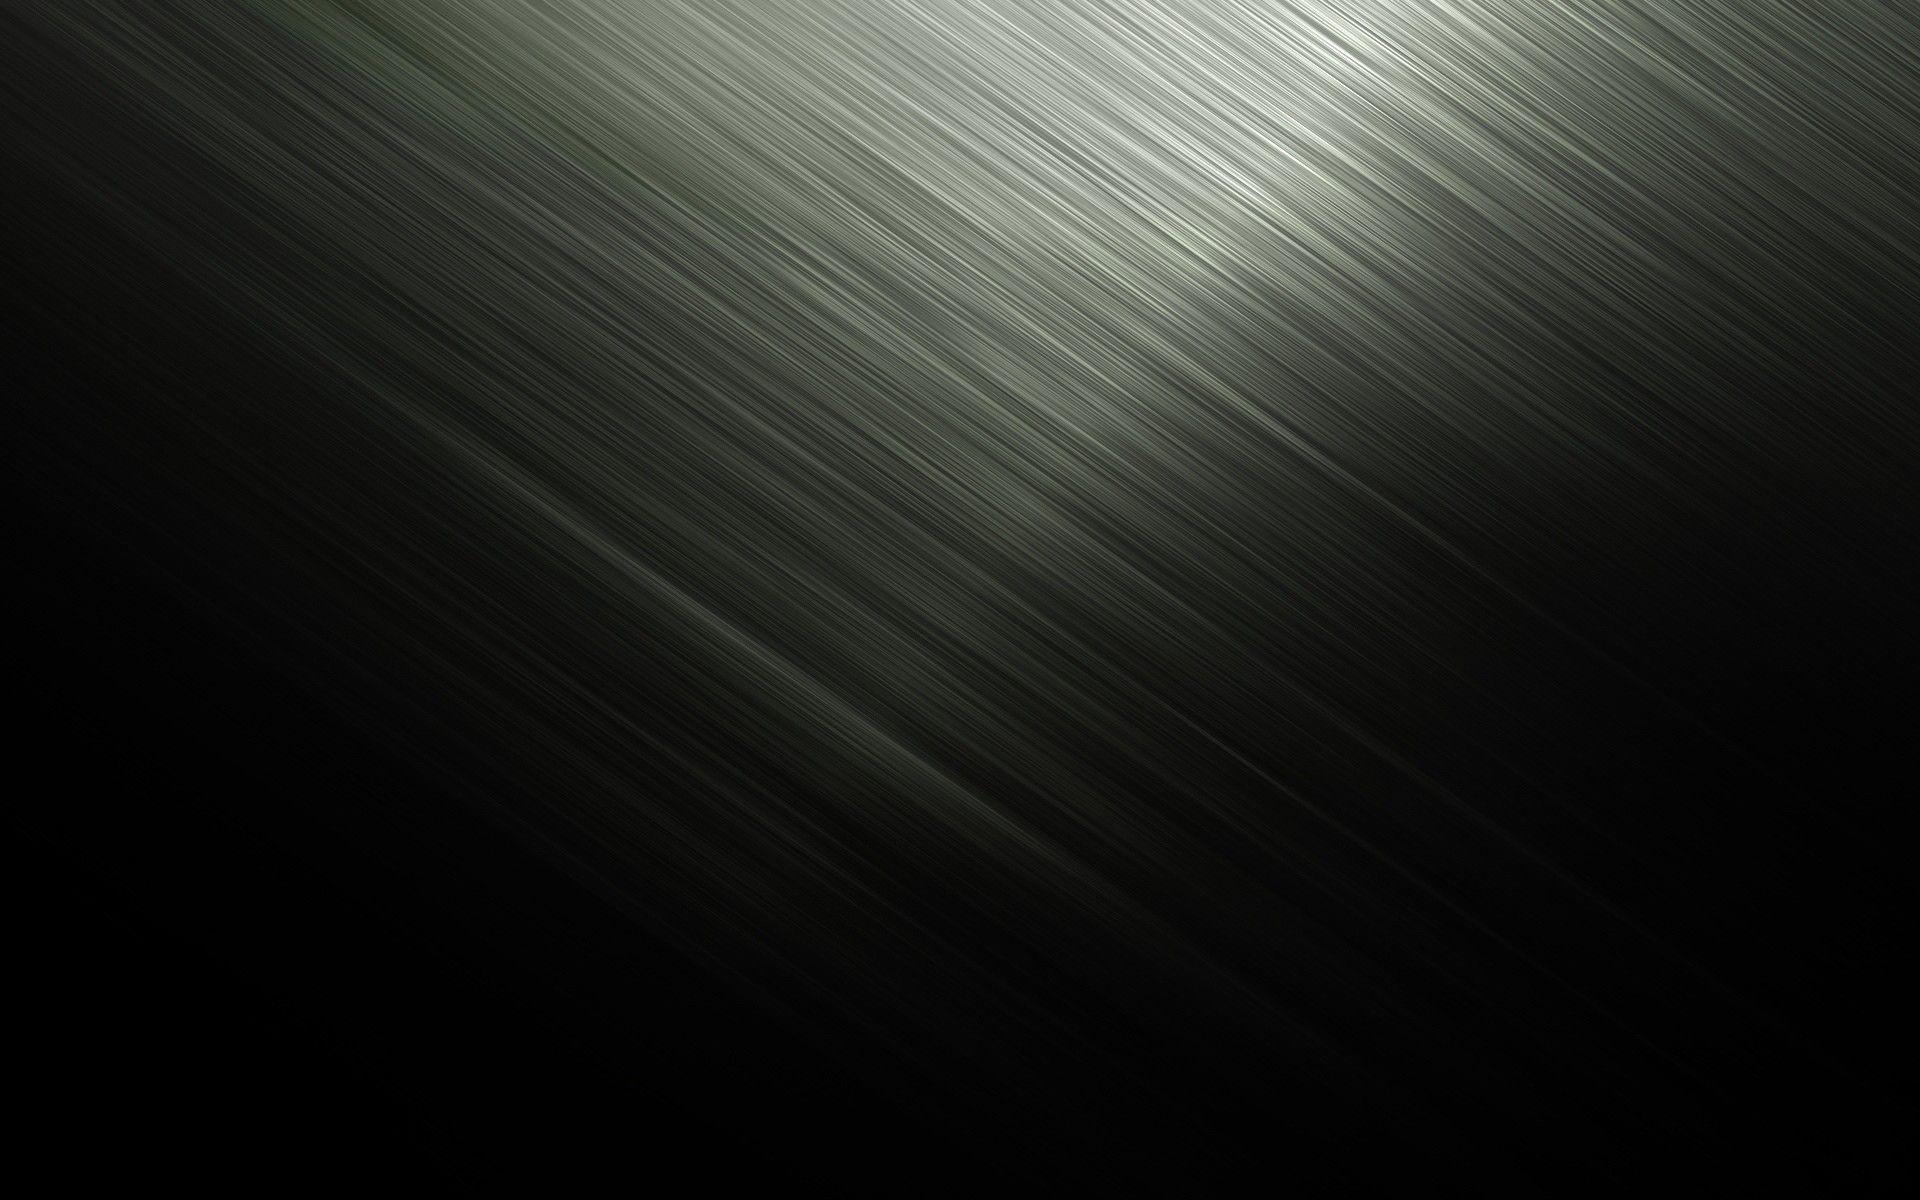 Fond D Ecran Noir Hdwplan Abstract Wallpaper Black Wallpaper Black Background Wallpaper